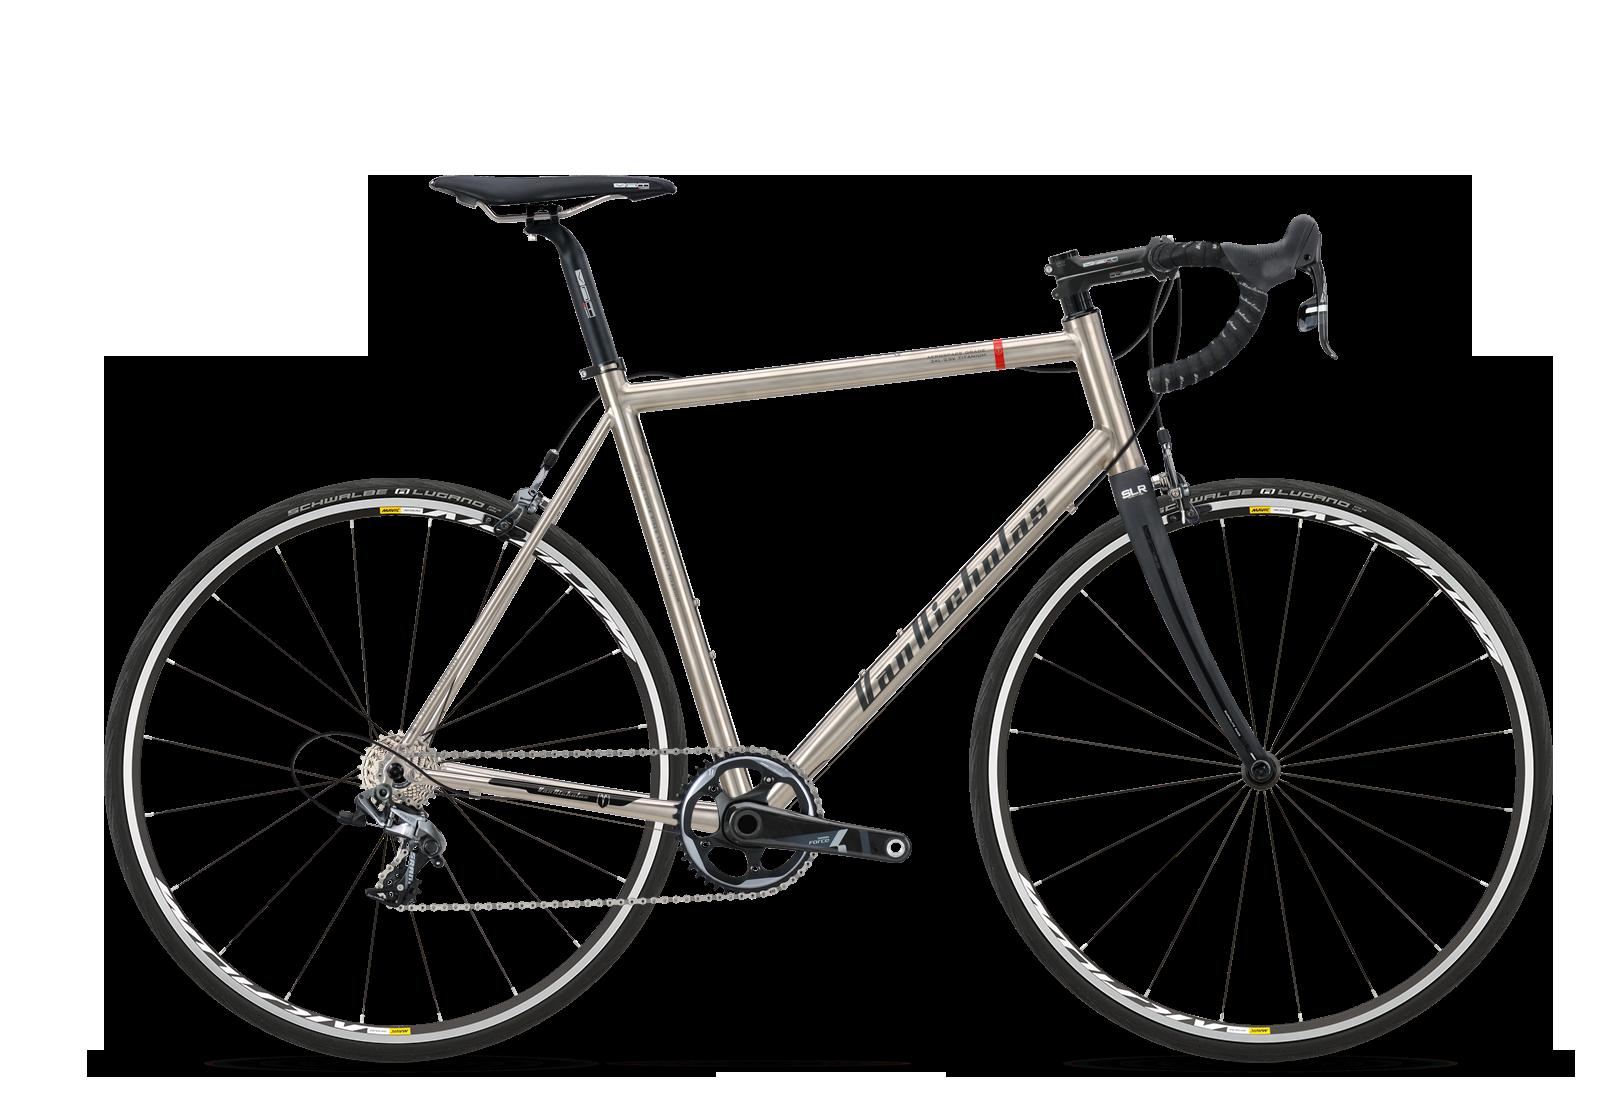 ae9fbfc4b52 Aquilo, speed delivering titanium road bike | Van Nicholas